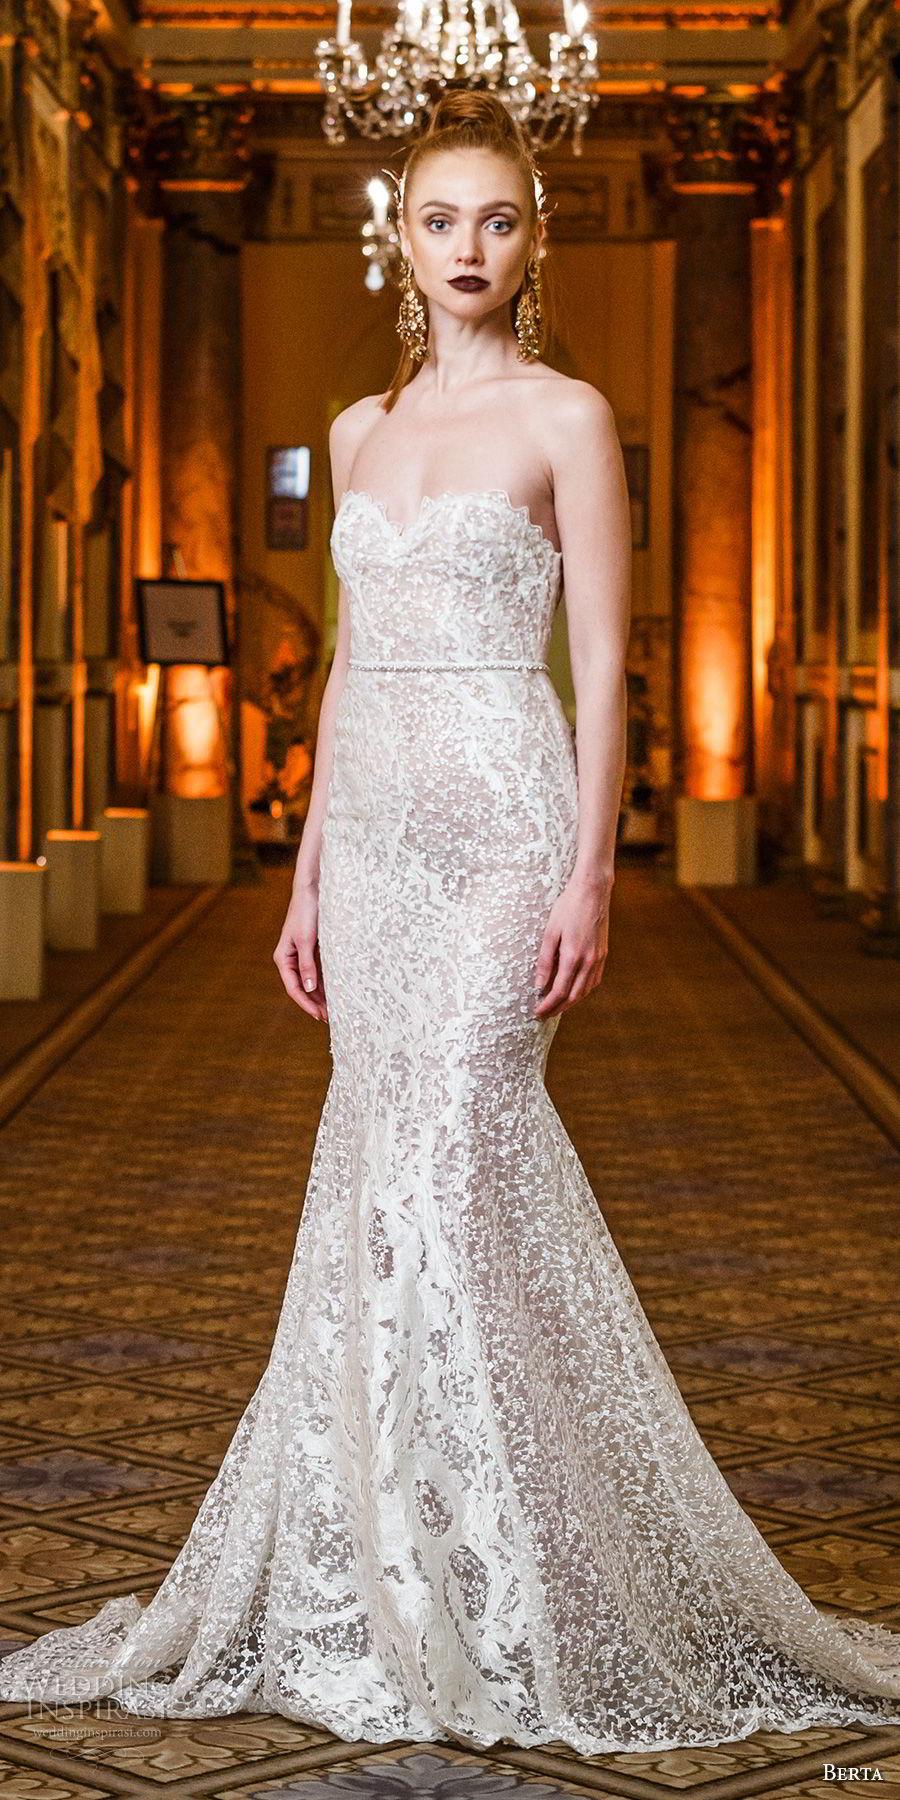 berta spring 2018 bridal strapless sweetheart neckline full embellishment elegant fit and flare wedding dress mid sheer back short train (17) mv